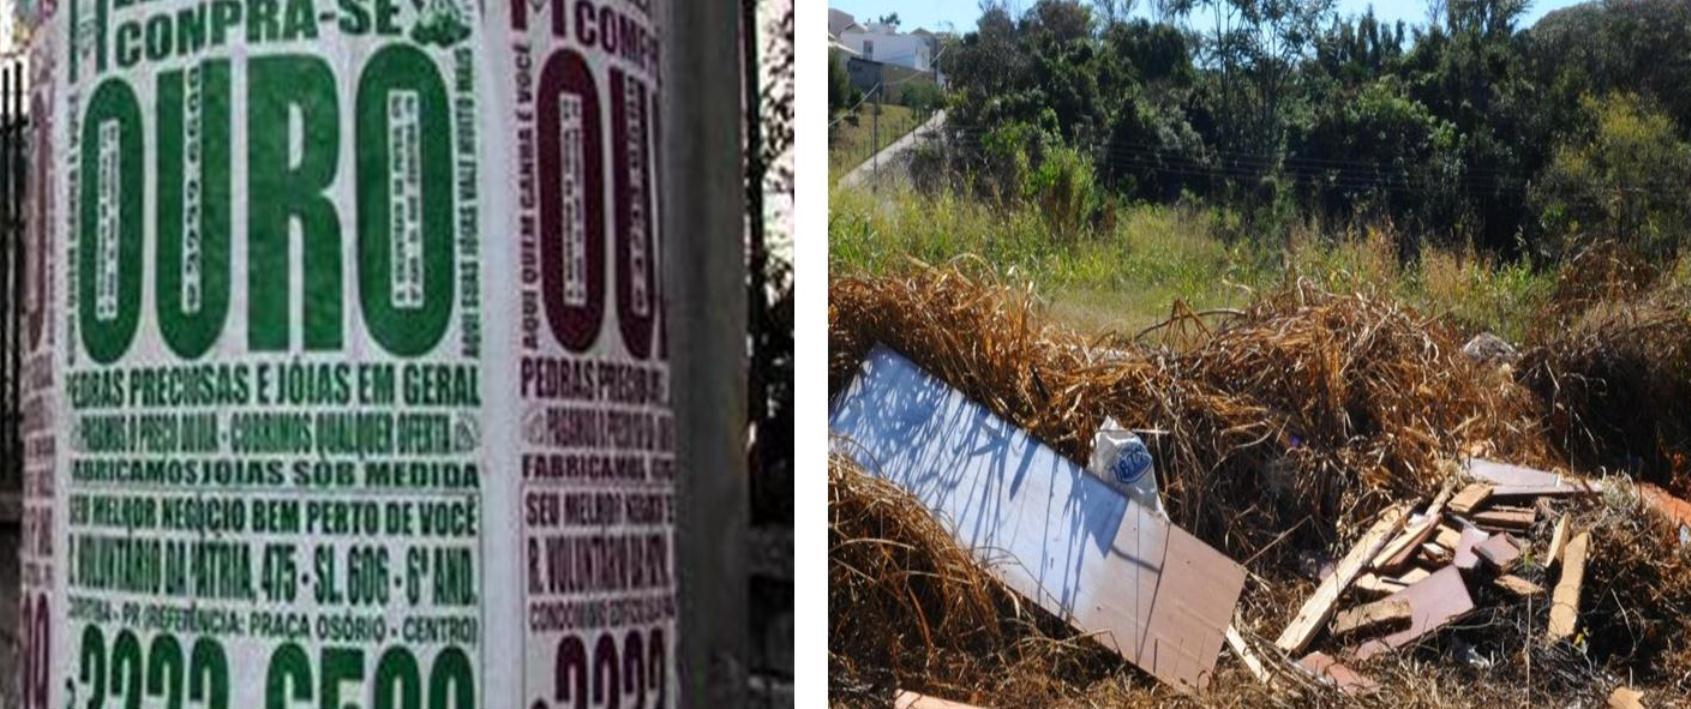 Leis combatem poluição visual e promovem limpeza urbana